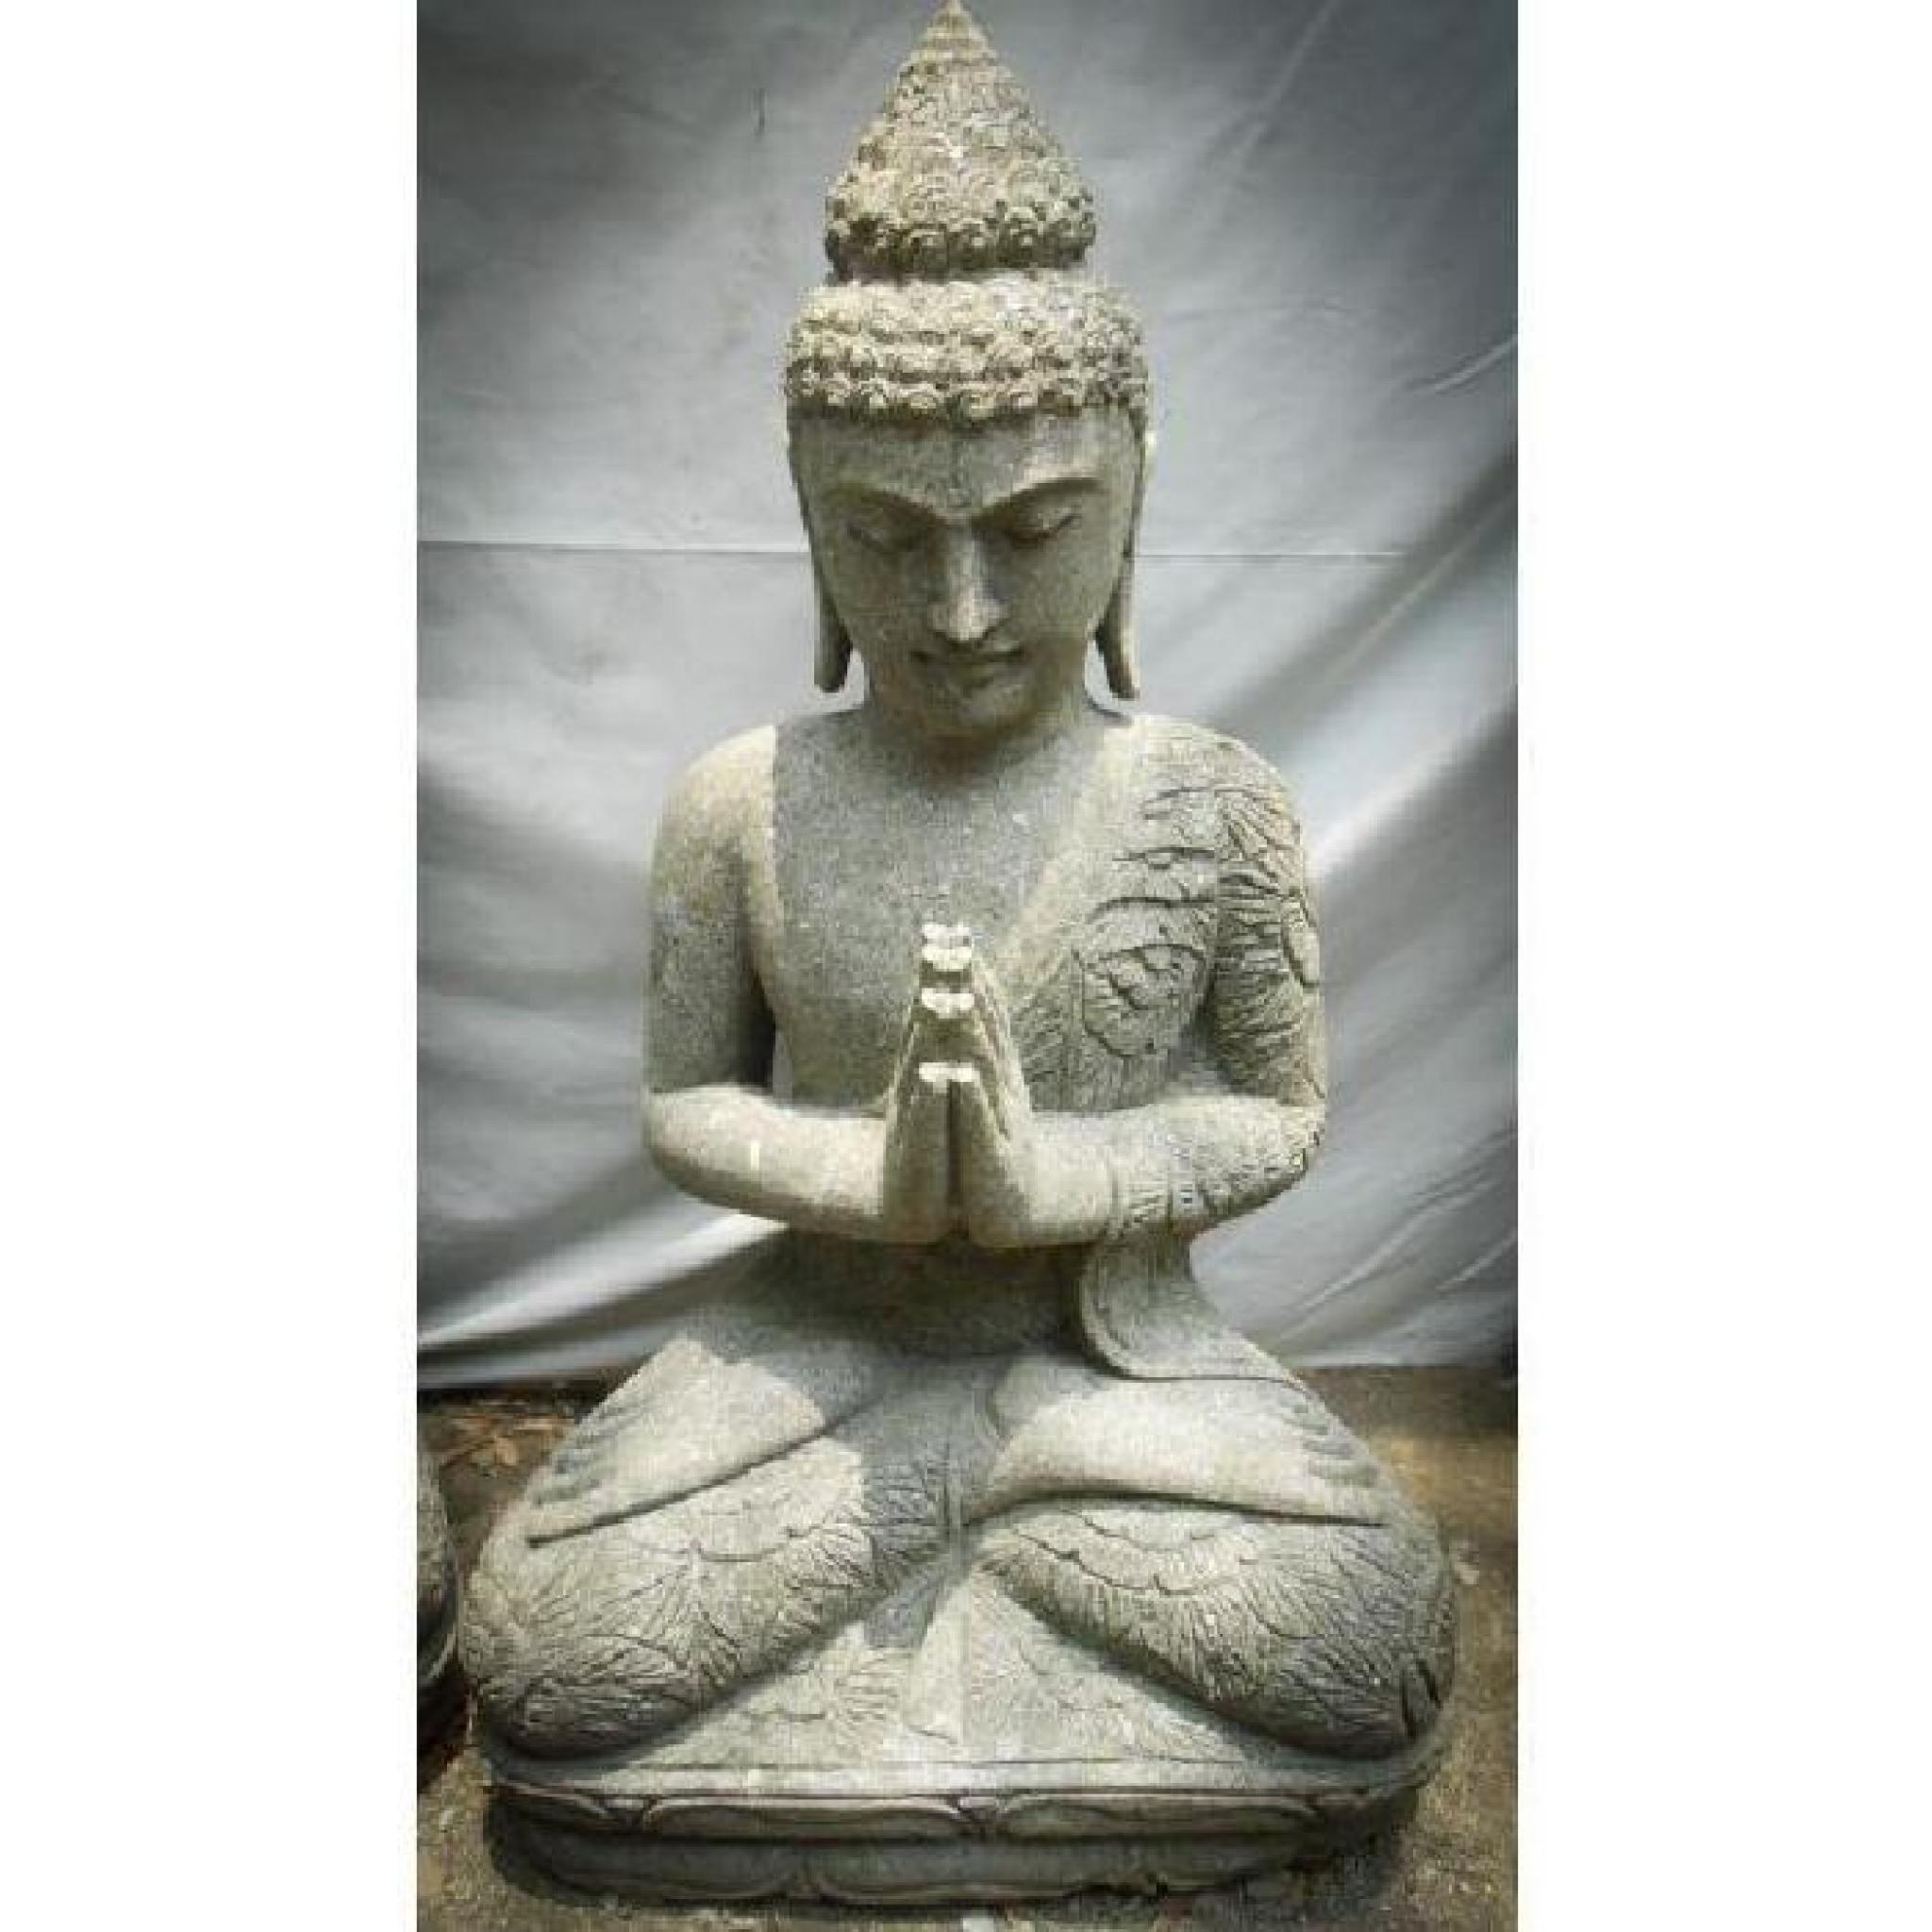 Statue En Pierre Bouddha Jardin Zen Position Priere 1 M concernant Bouddha De Jardin Pas Cher